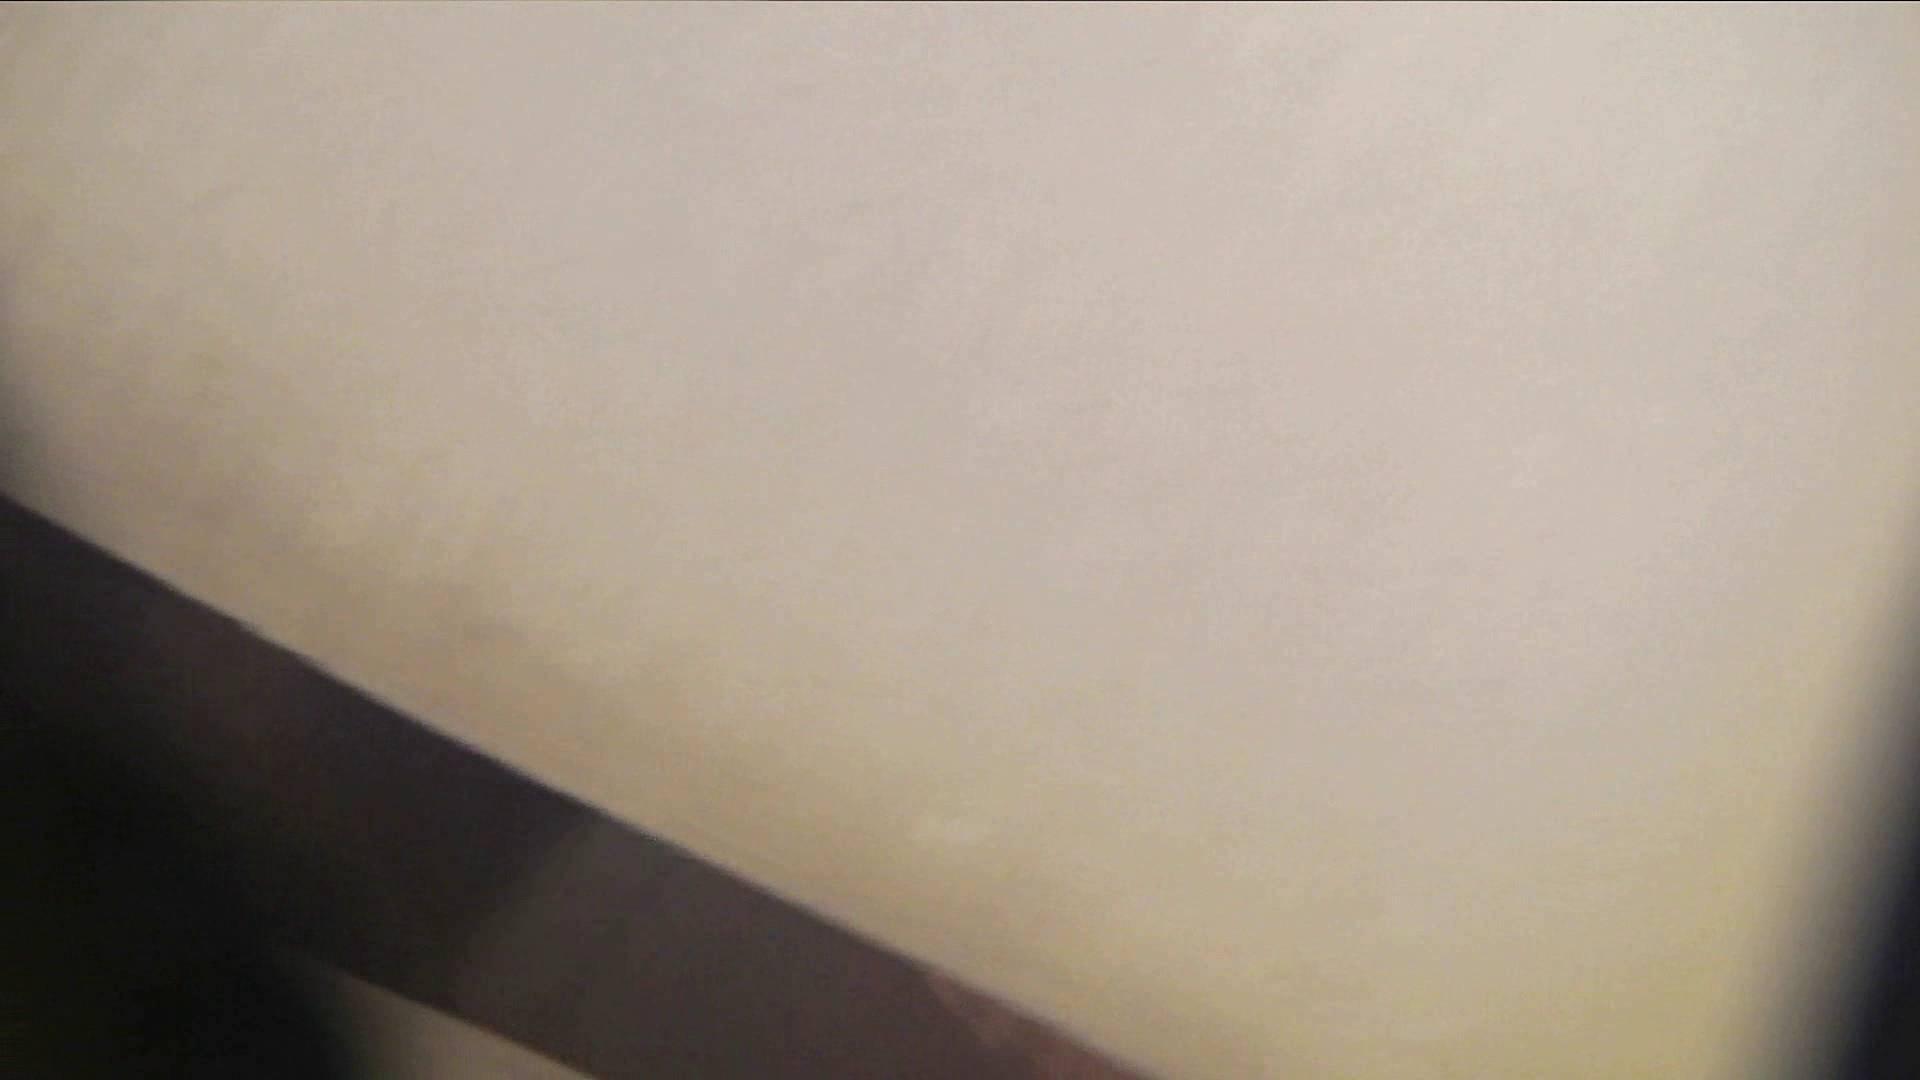 阿国ちゃんの「和式洋式七変化」No.6 和式 おめこ無修正画像 61連発 43